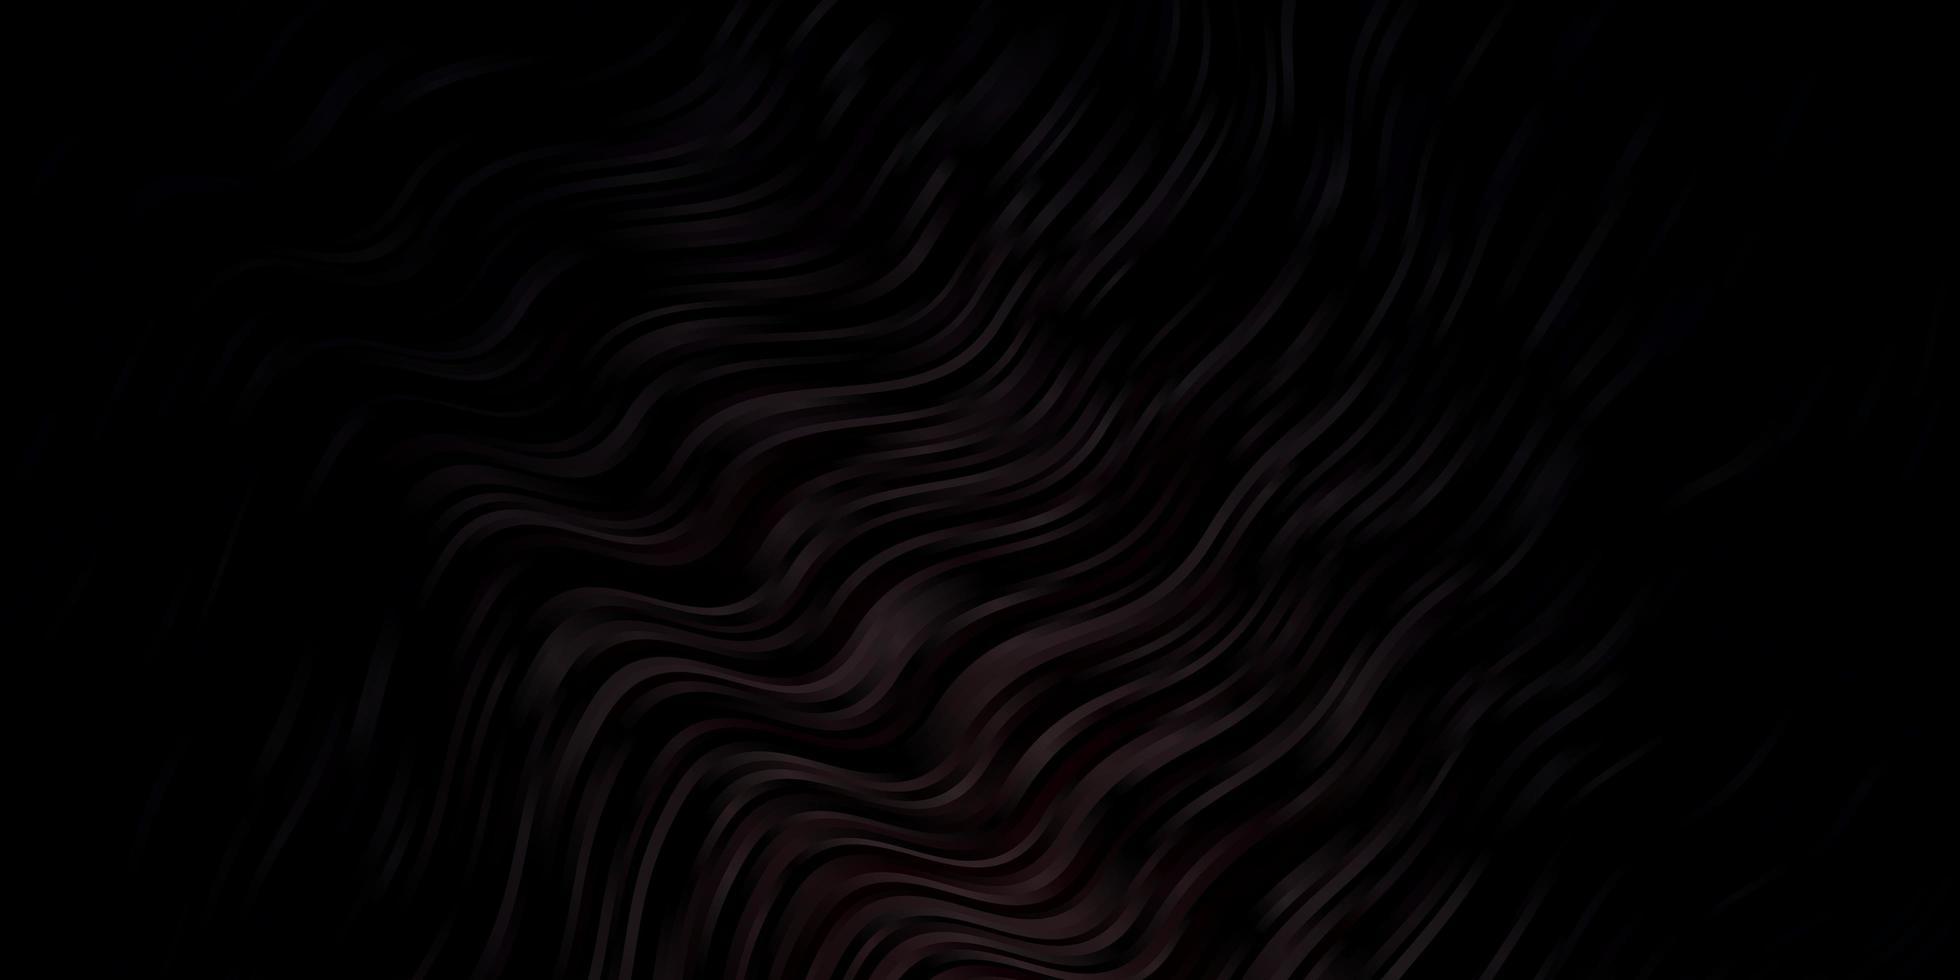 struttura di vettore marrone scuro con curve.